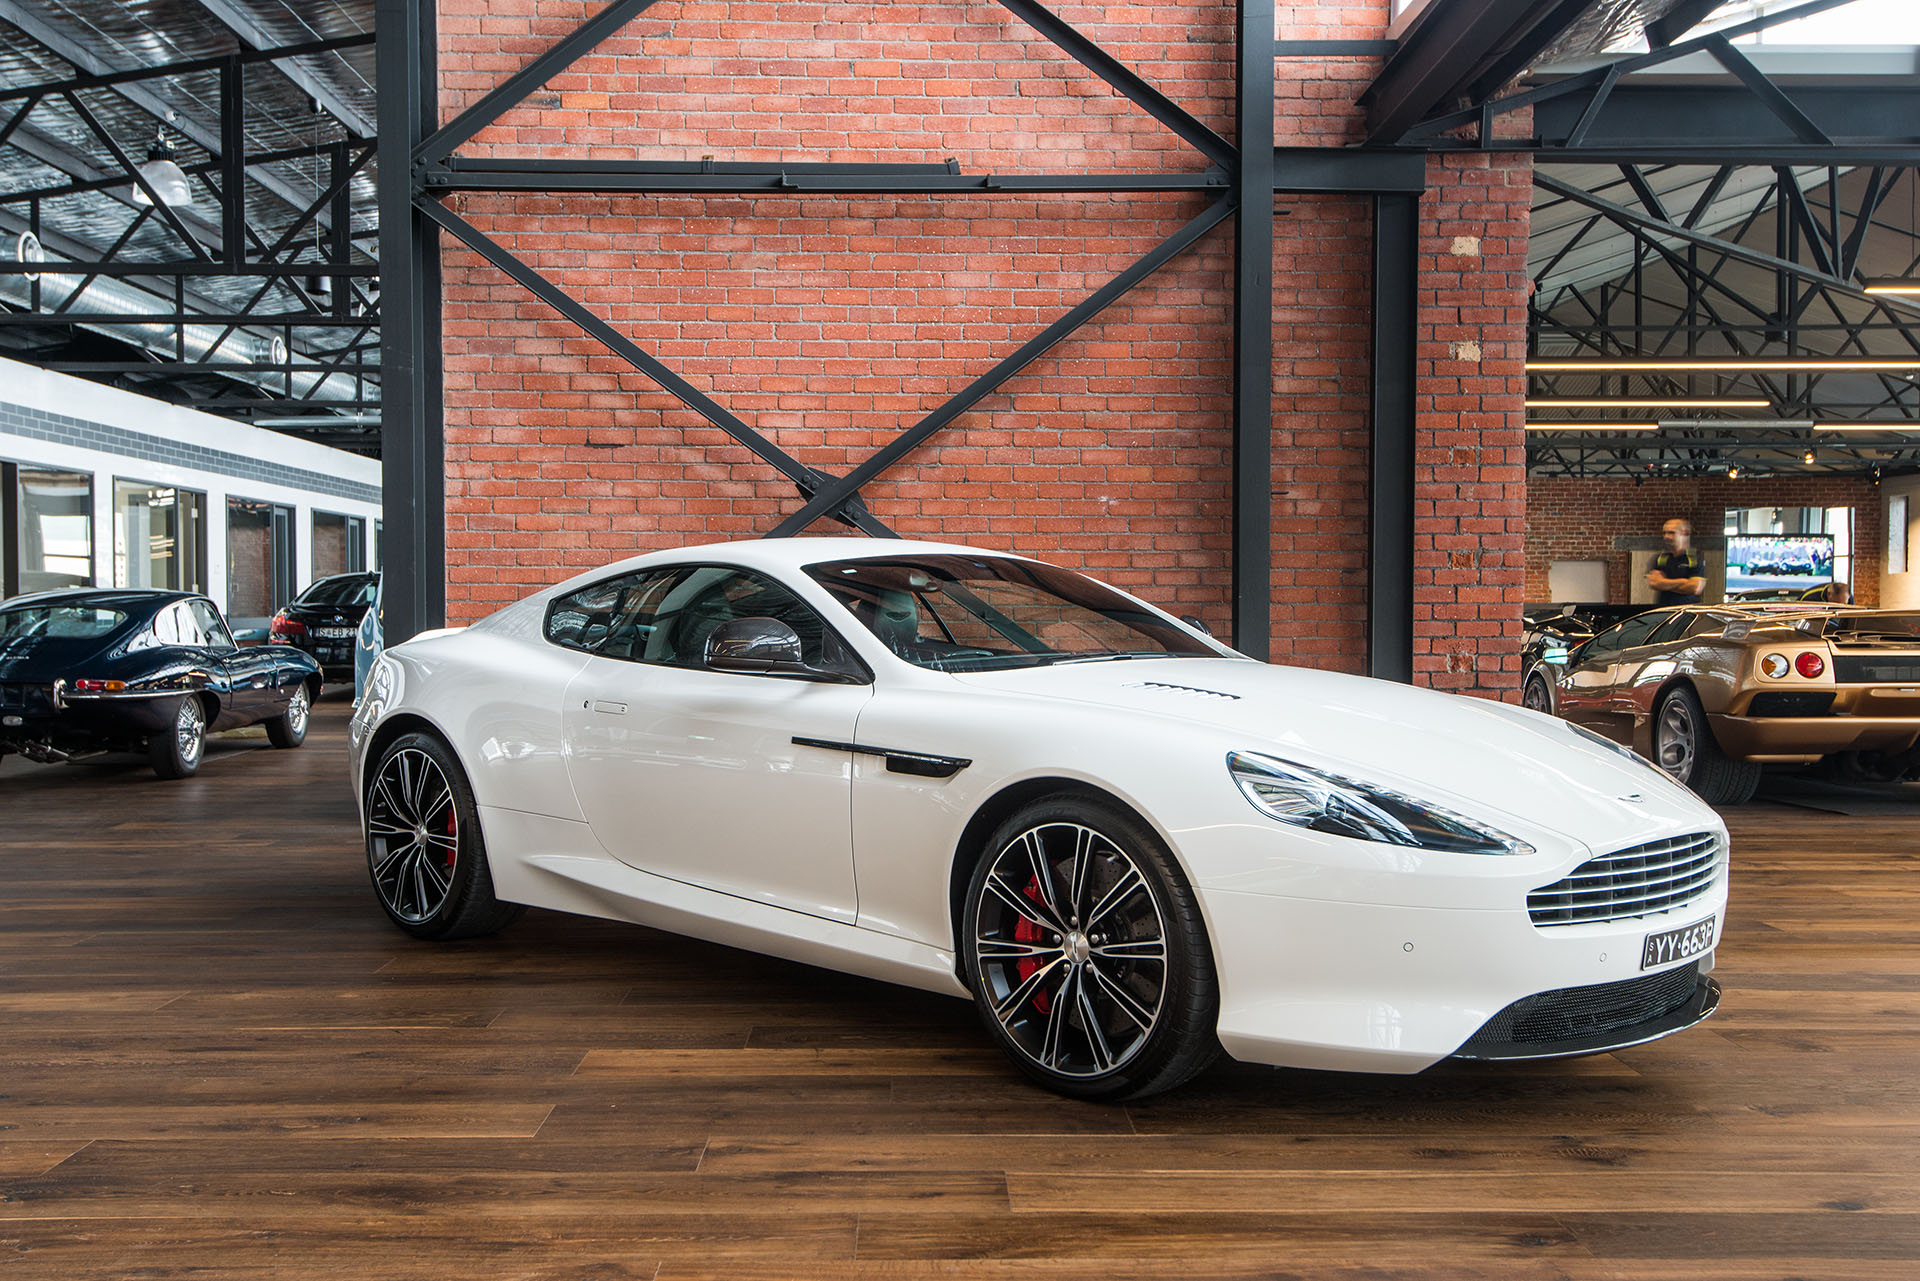 Aston Martin DB Richmonds Classic And Prestige Cars - 2018 aston martin db9 coupe